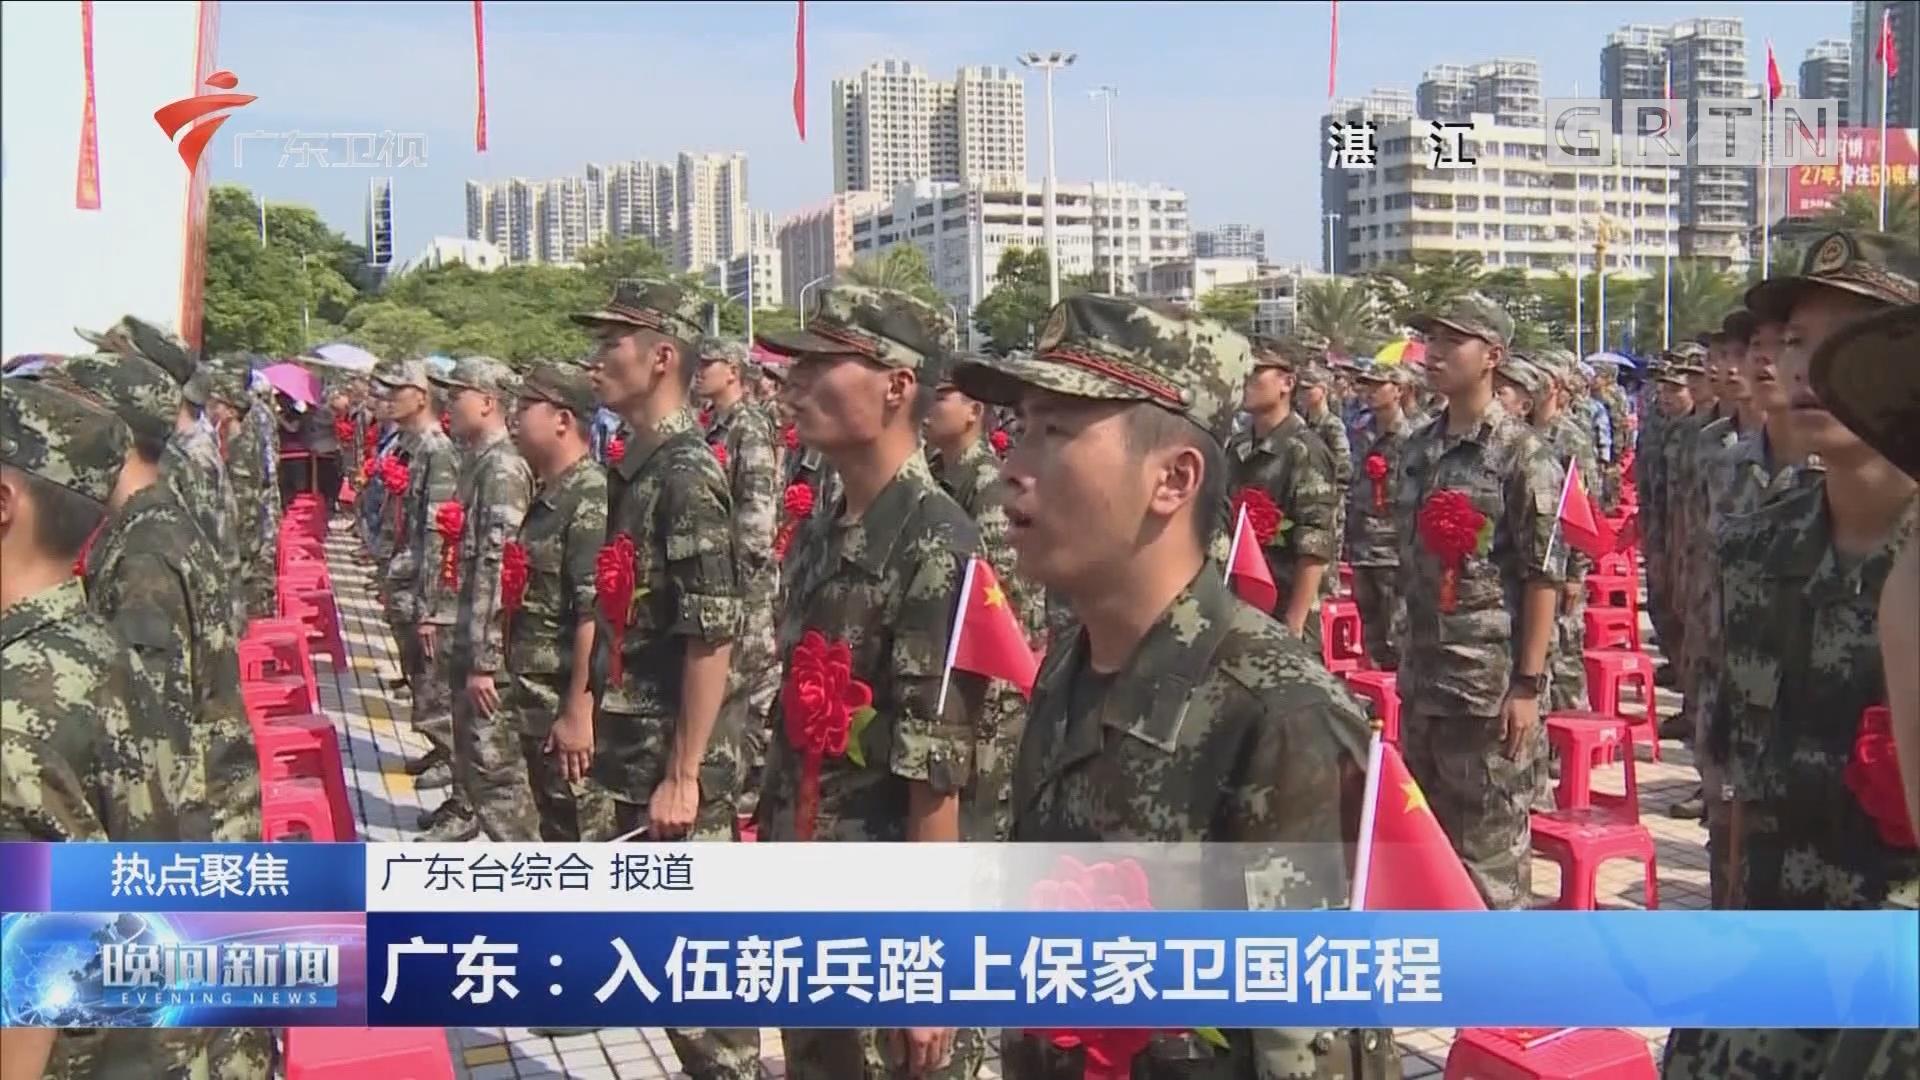 广东:入伍新兵踏上保家卫国征程